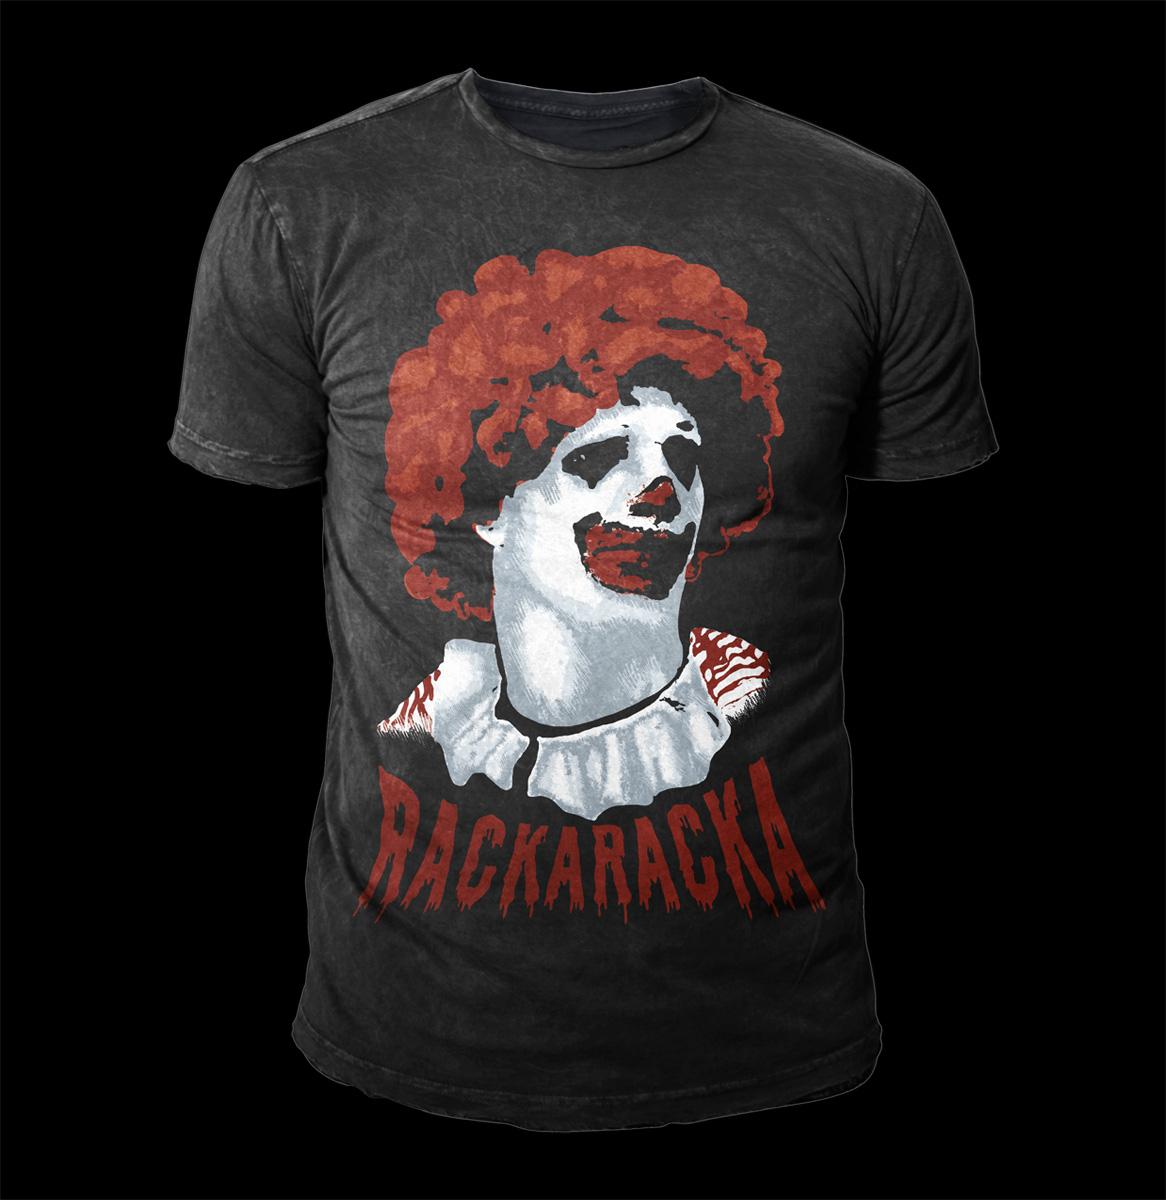 T shirt design youtube - T Shirt Design Job Rackaracka Large Youtube Channel Needs T Shirt